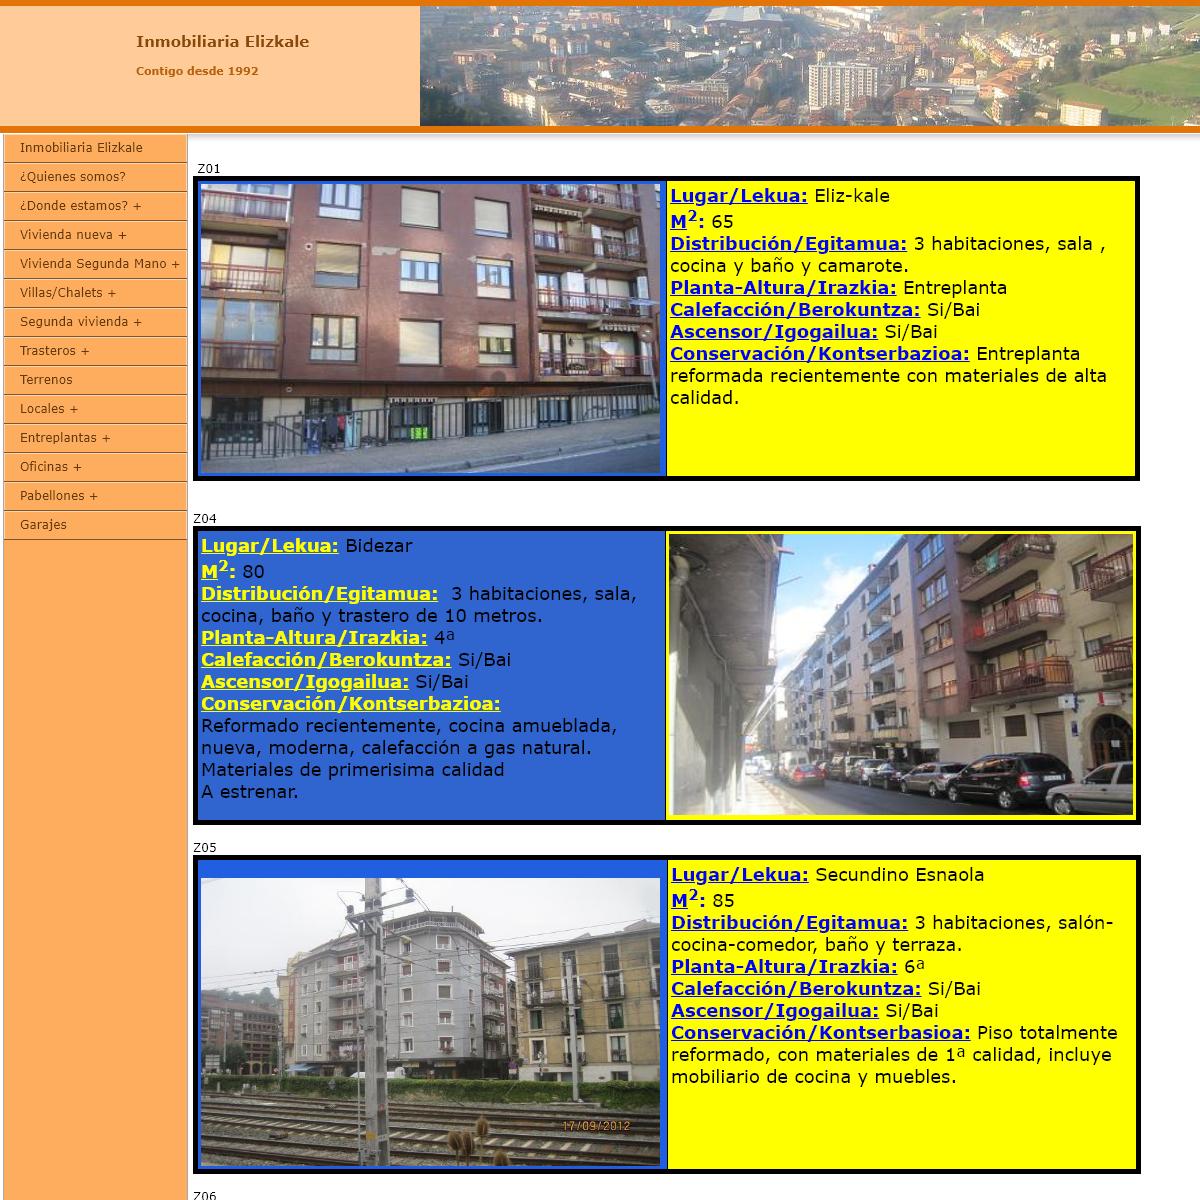 Inmobiliaria Elizkale